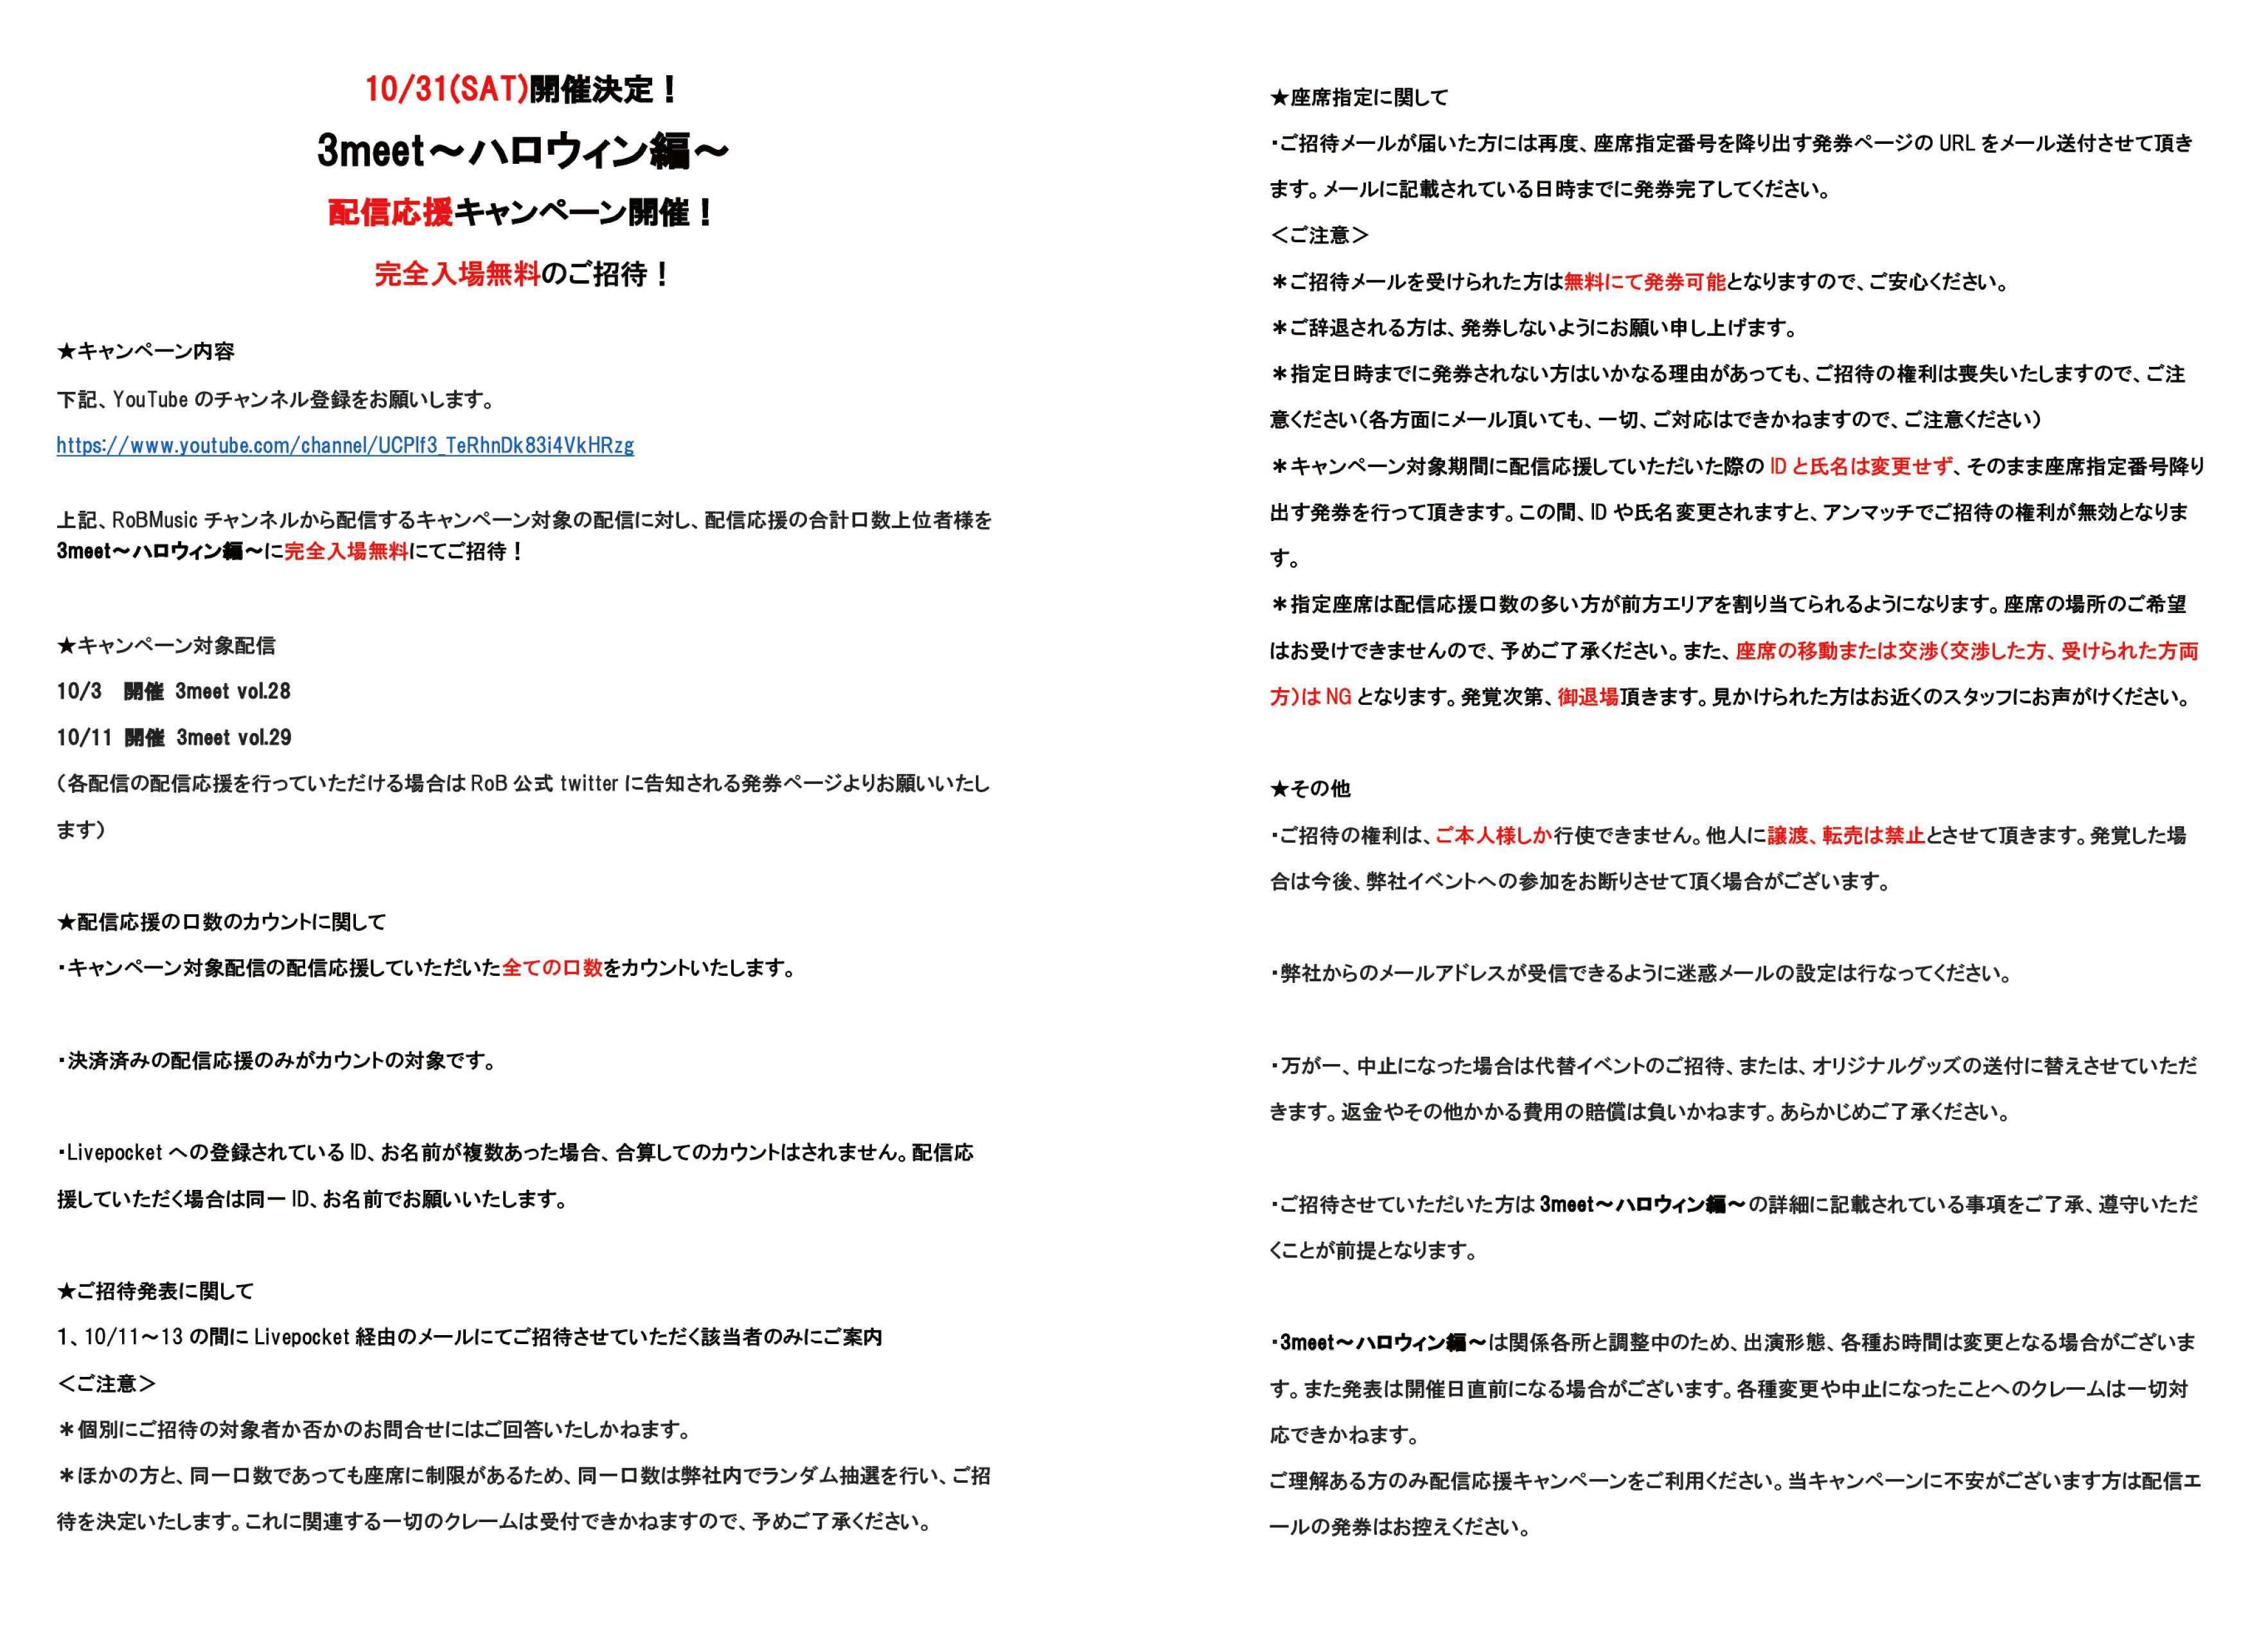 《3meet〜ハロウィン編〜キャンペーン対象》3meet無観客ライブvol.29〜配信応援〜